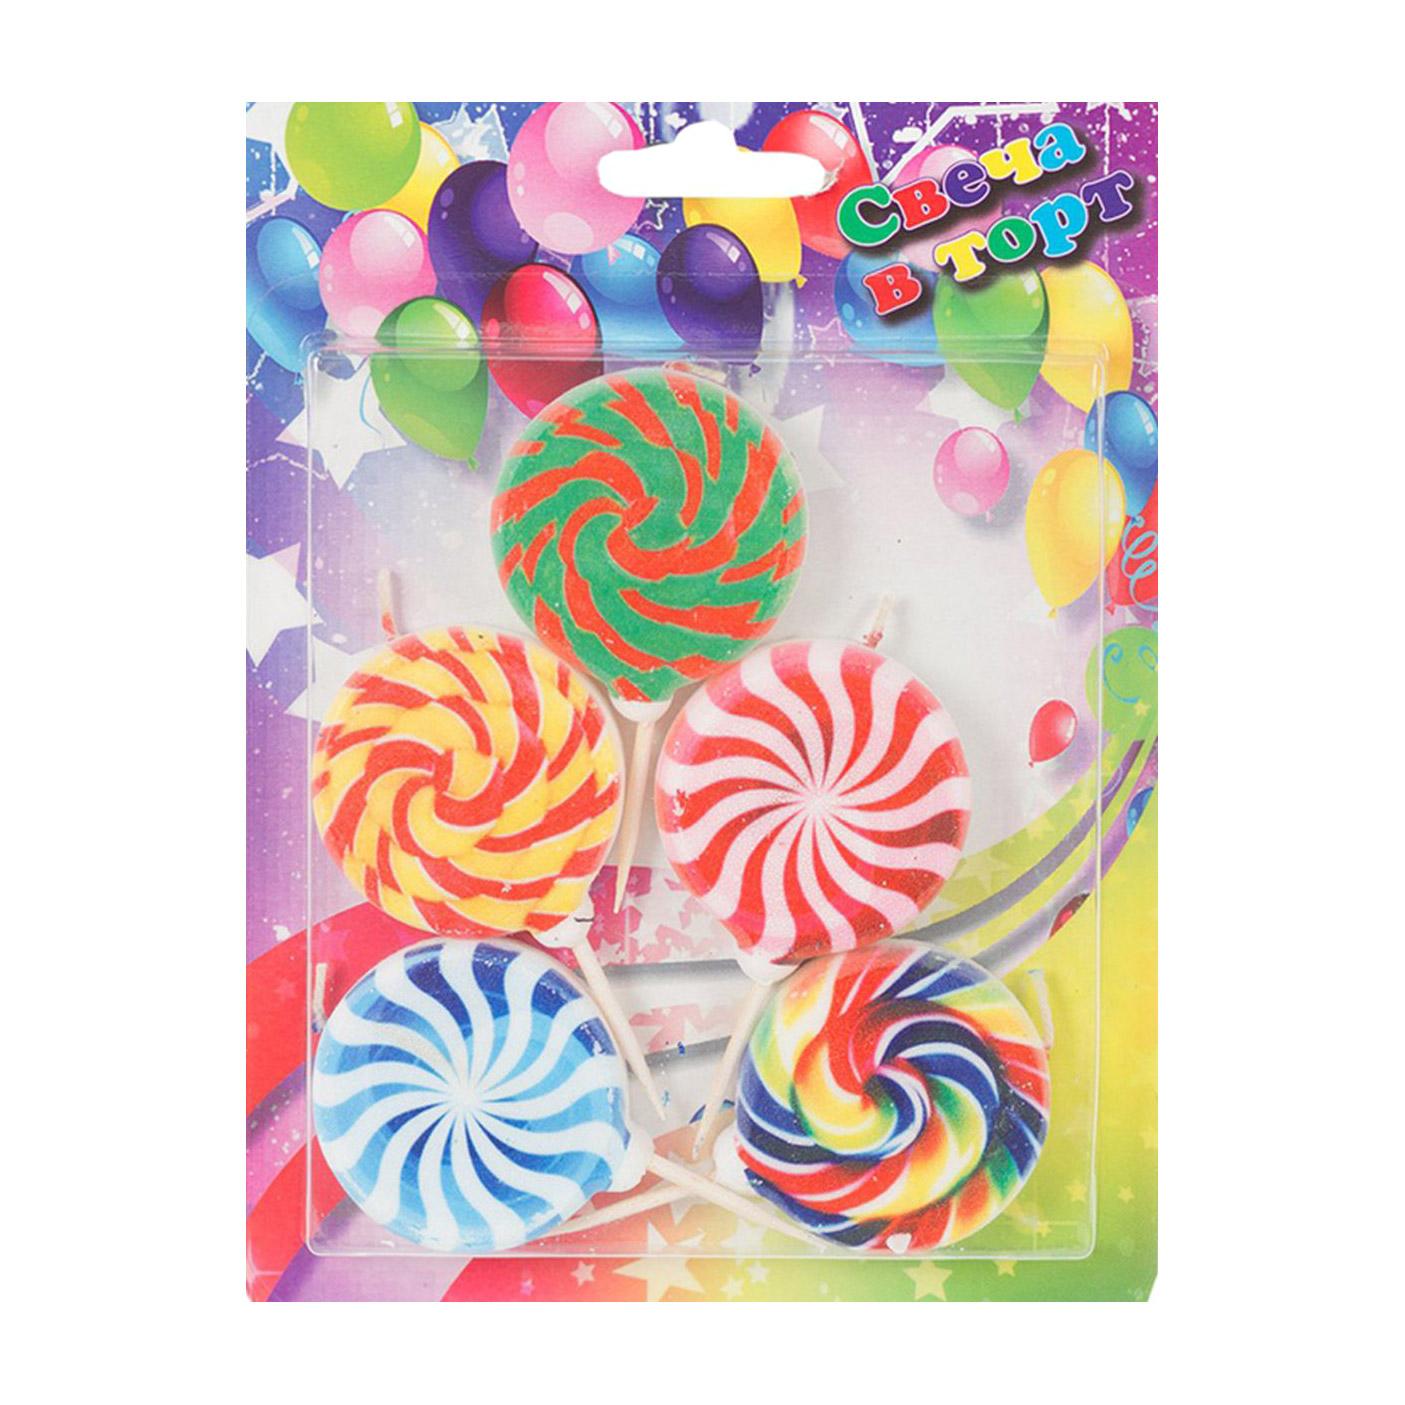 Свечи для торта Веселая Затея Конфеты 5 шт праздничные свечи для торта комплект 20 шт с подставкой 5 см в блистере 1502 0180